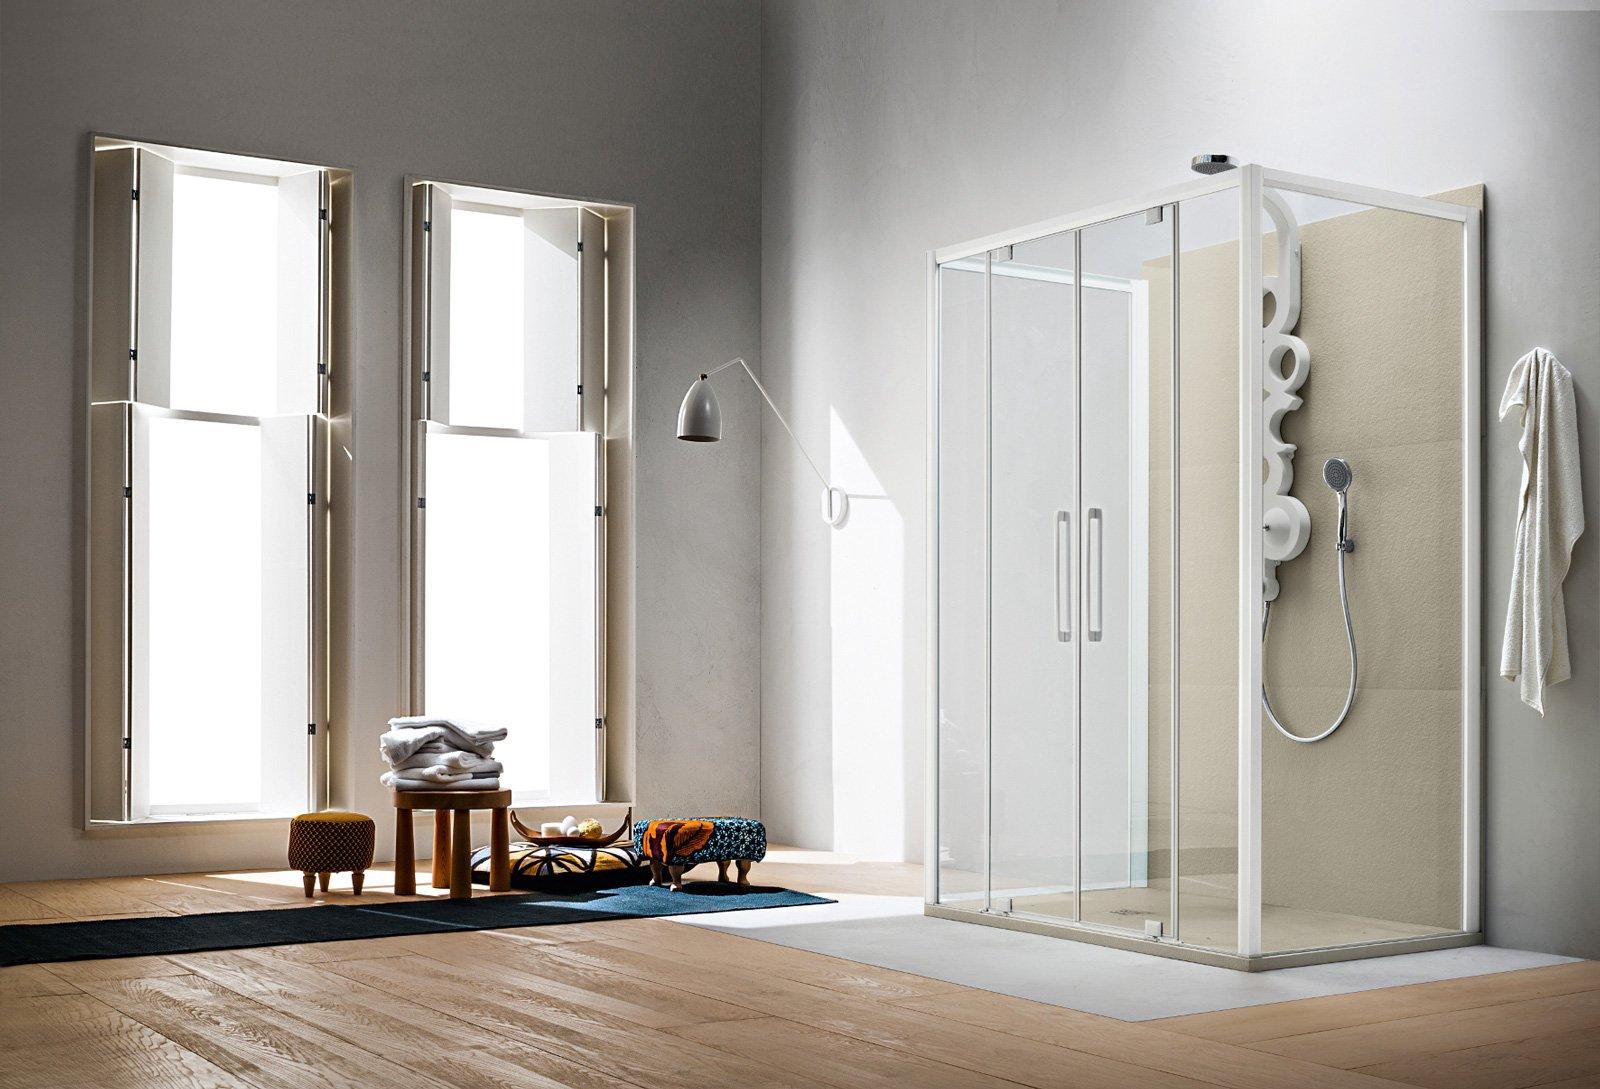 Vasche Da Bagno In Vetro Prezzi : Vetri per vasca da bagno prezzi decorazioni per la casa